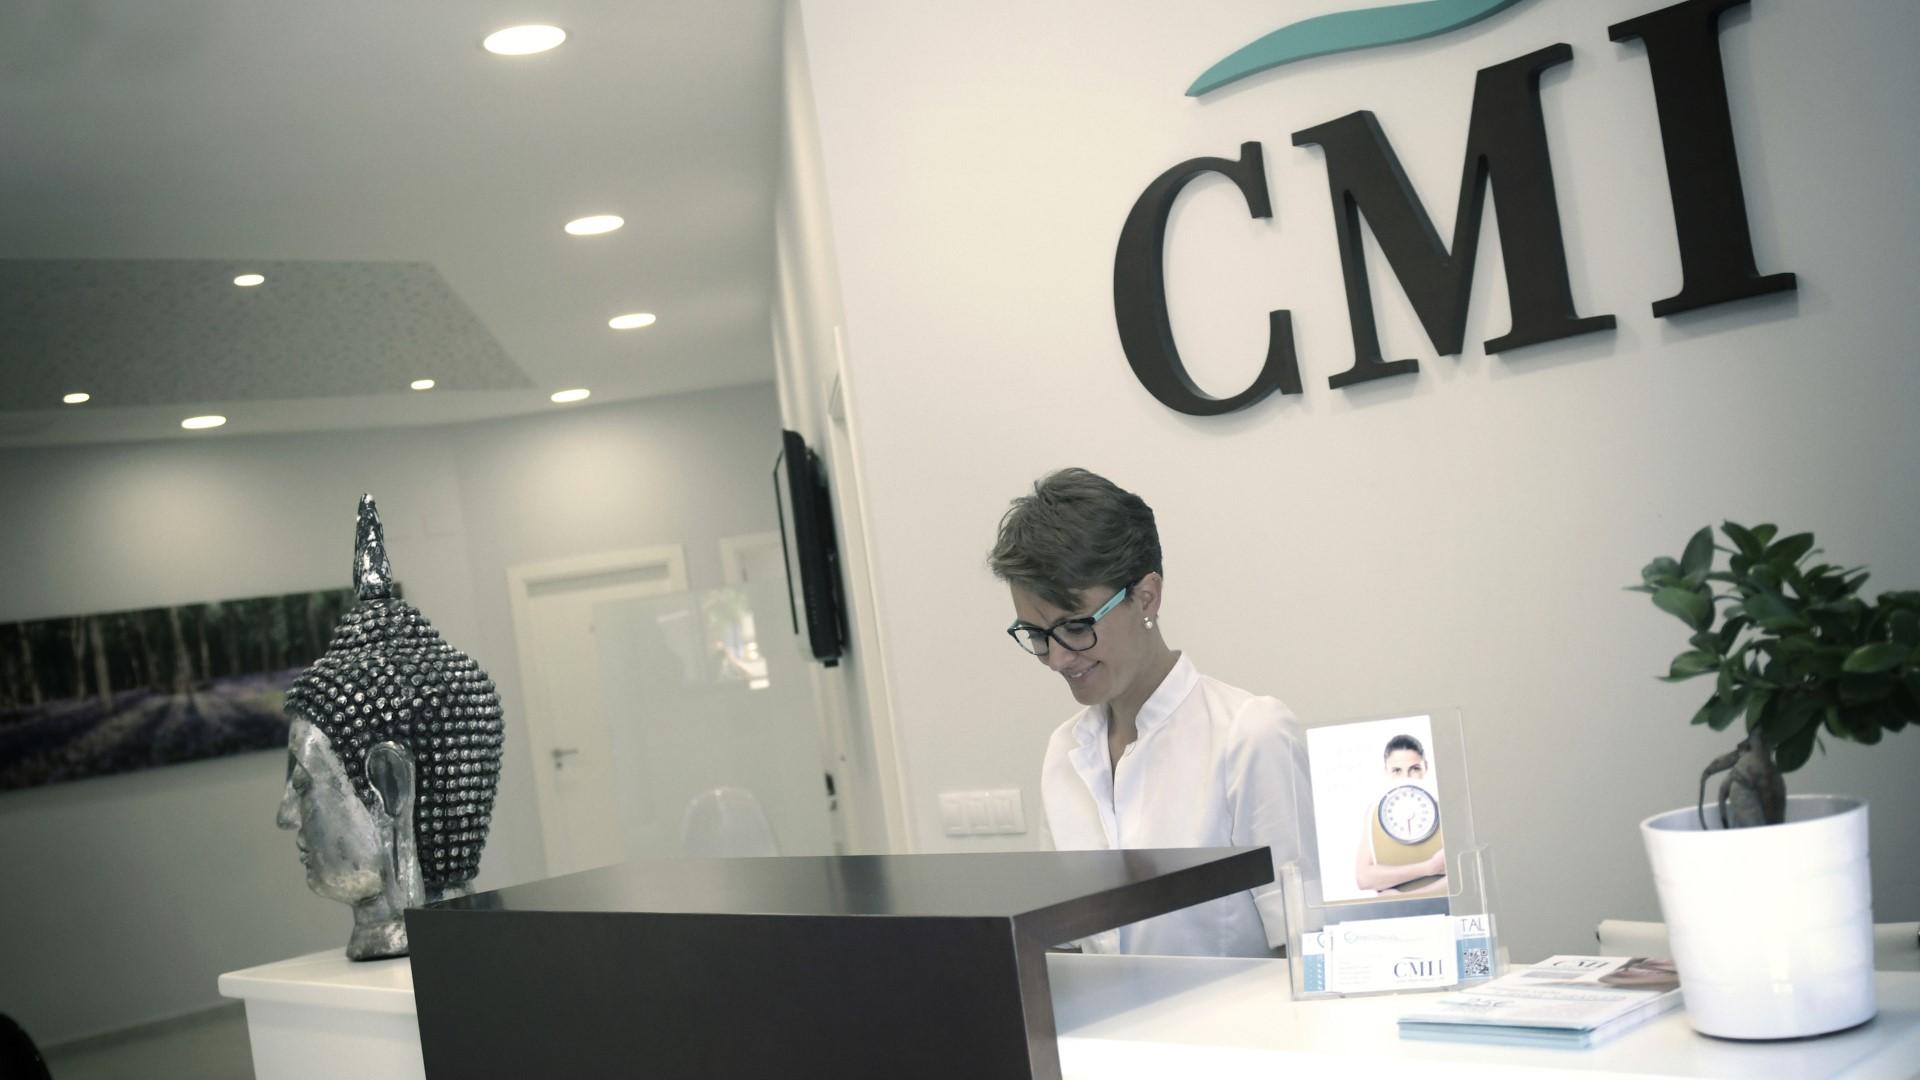 CMI_1